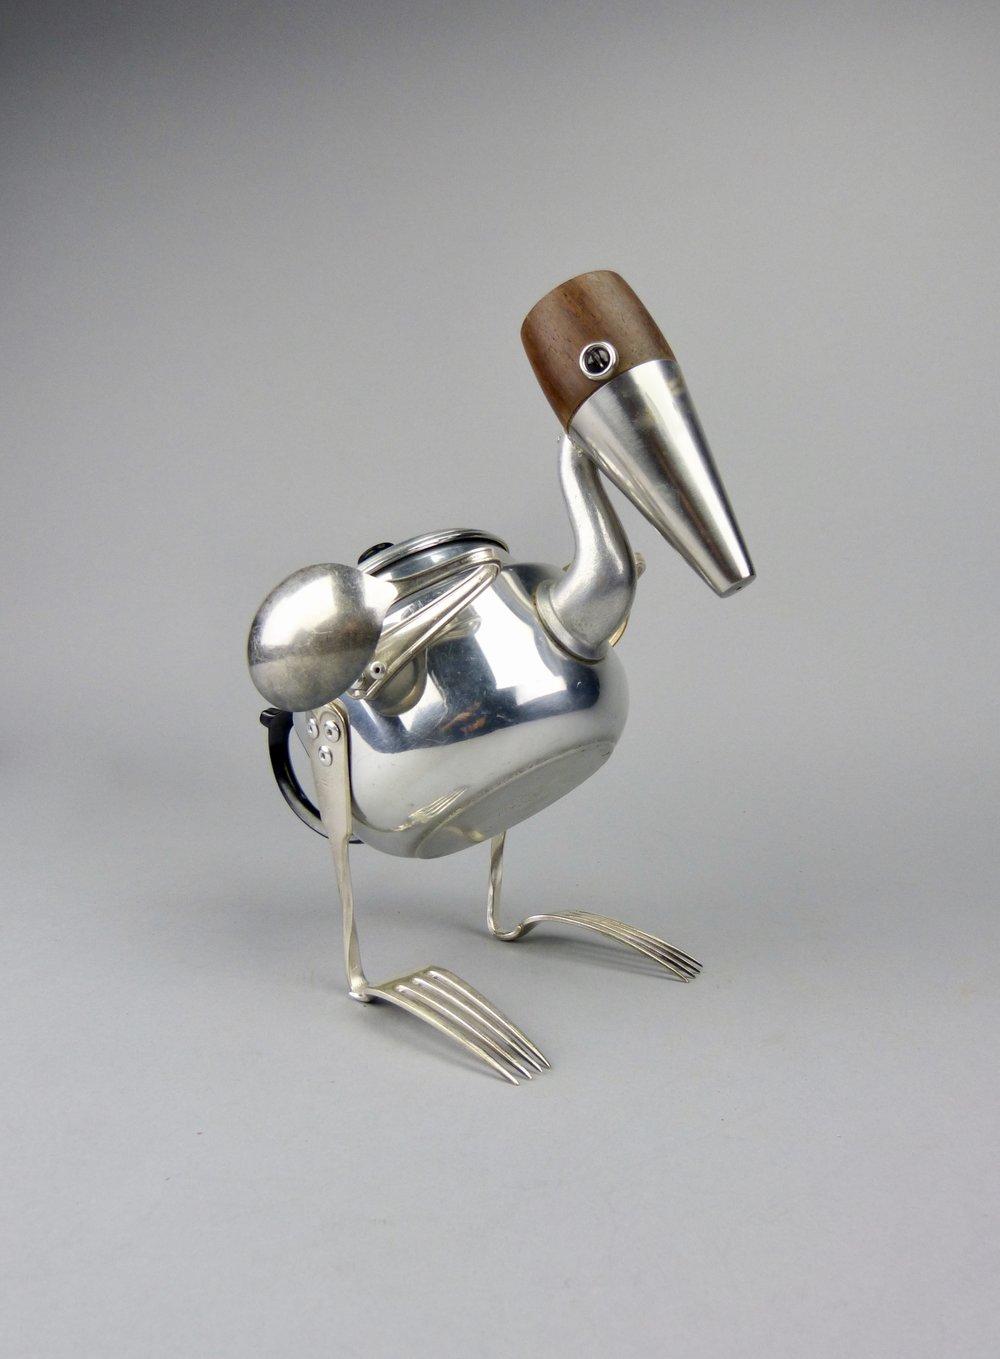 Artist: Dean Patman  Title: Teapot Bird LG  Medium: Mixed media  Size: 28 cm (height)  SOLD